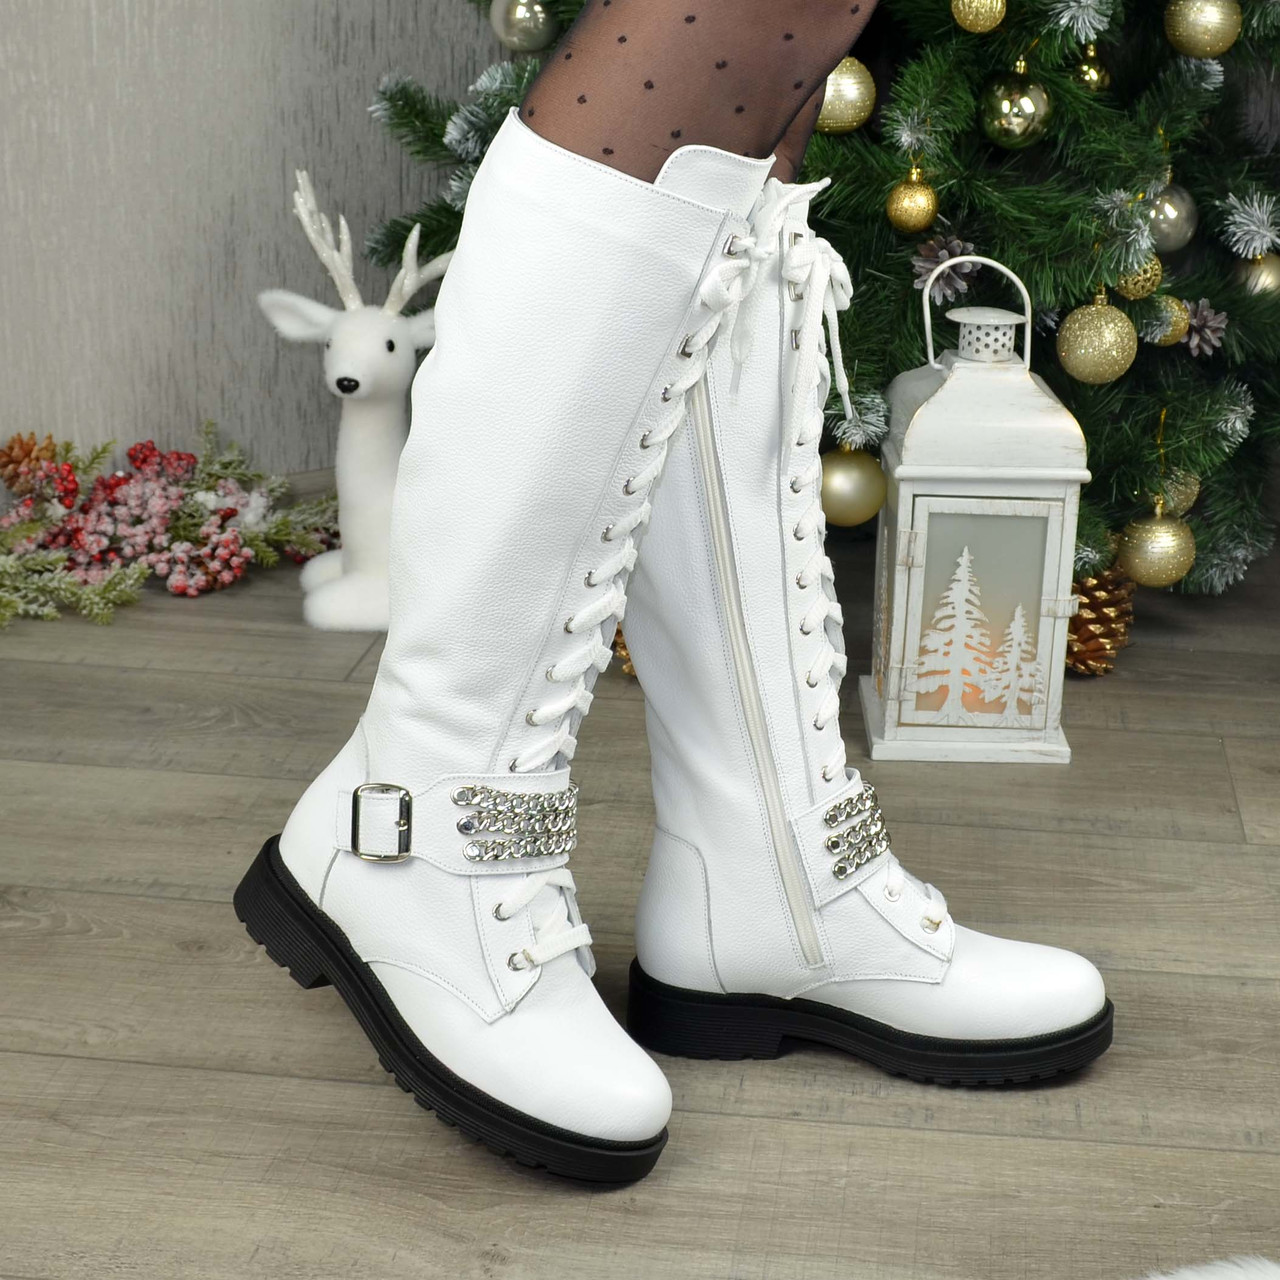 Сапоги женские высокие на шнуровке, из натуральной кожи флотар белого цвета